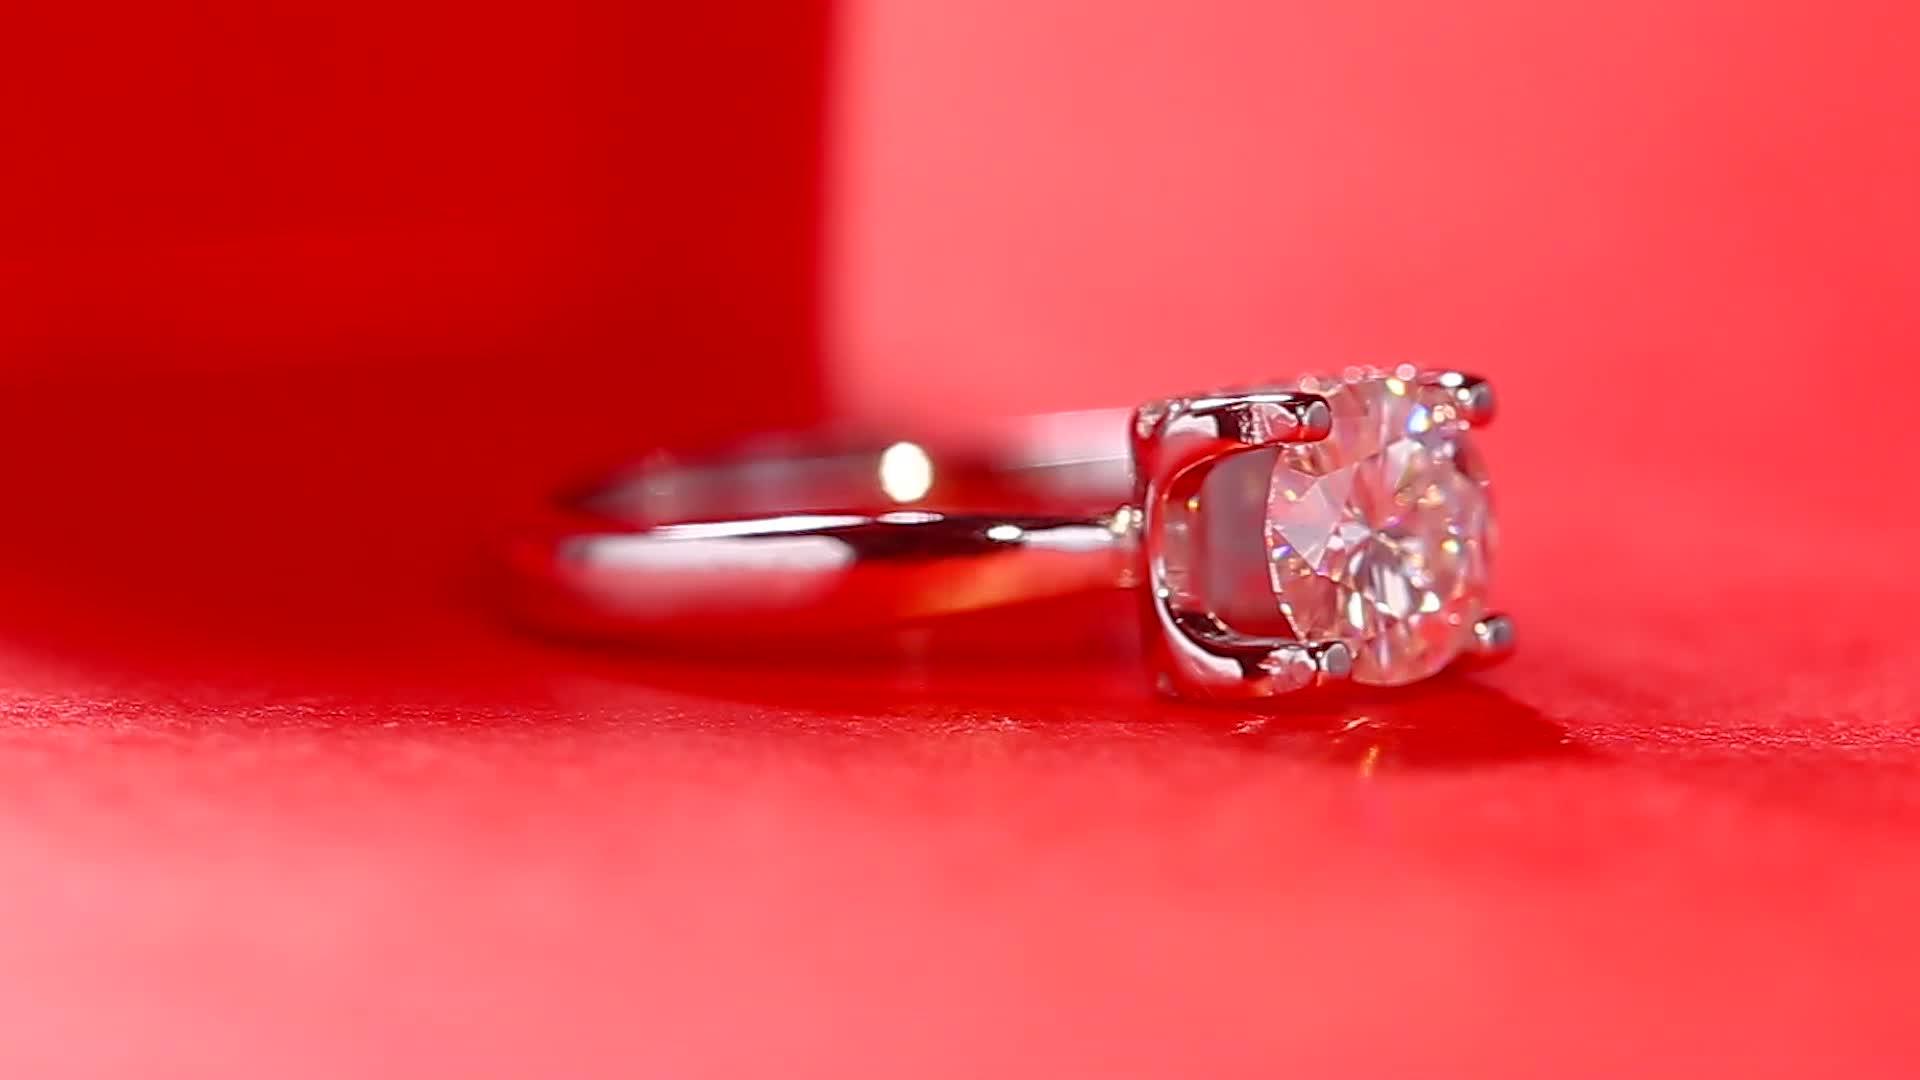 3 カラット品質 legit 純銀マーキス女性モアッサナイトの婚約指輪